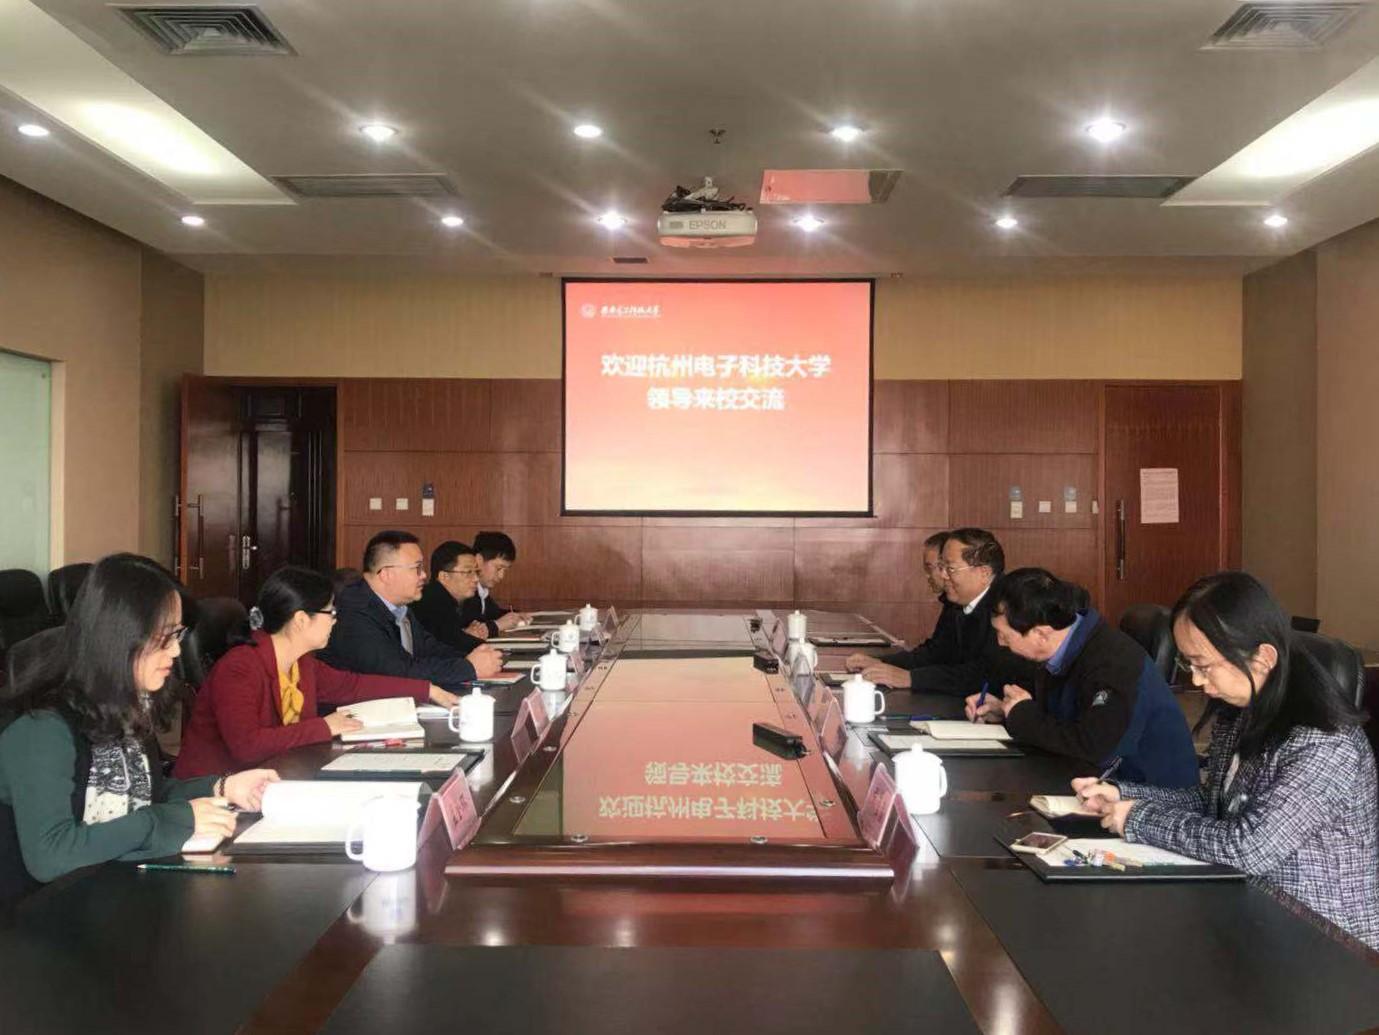 杭州电子科技大学党委副书记朱斌一行来校交流